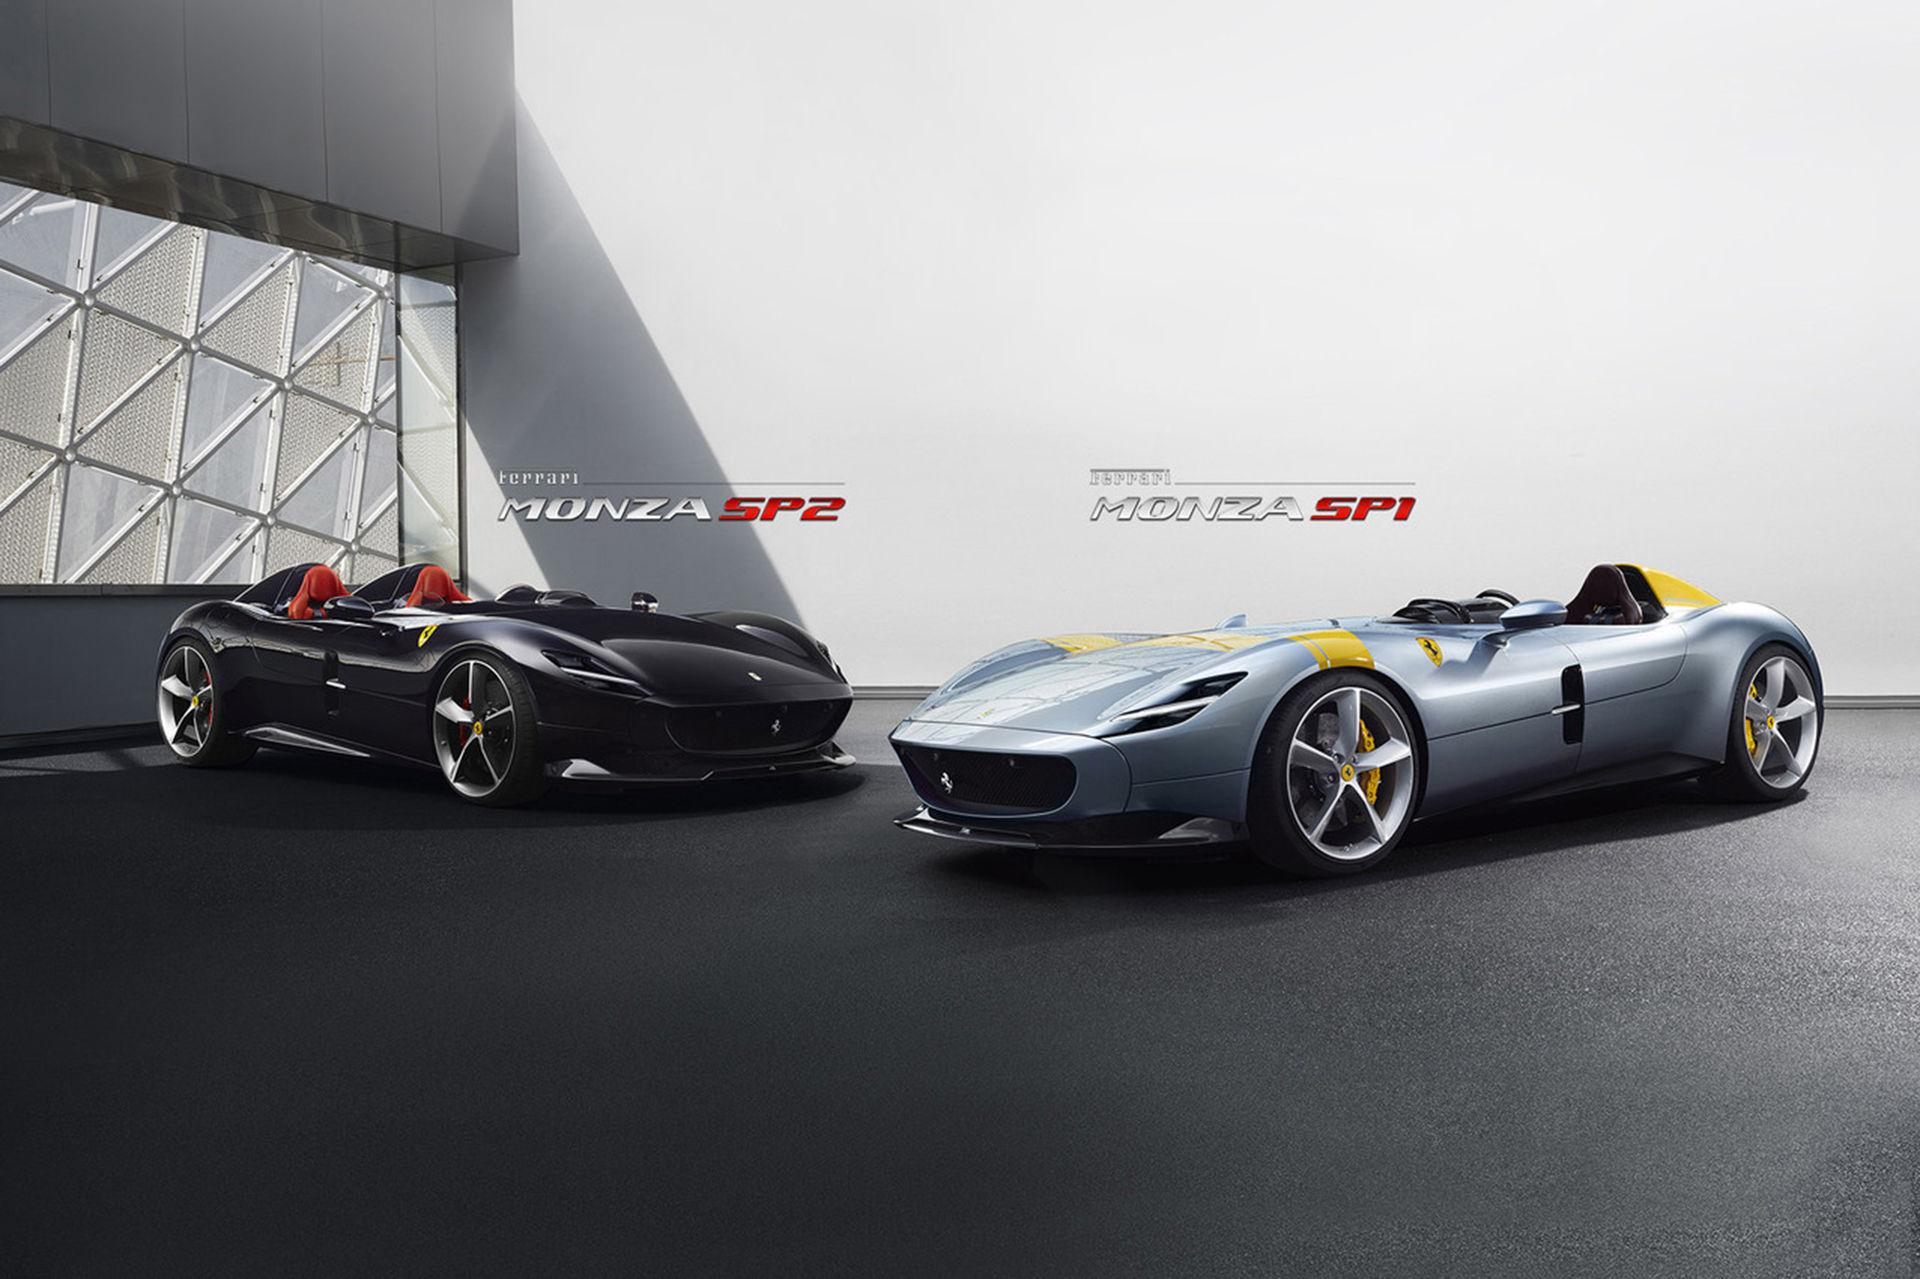 Ferrari SP1 e SP2 foram modelos especiais feitos com base na 812 Superfast e voltados para colecionadores